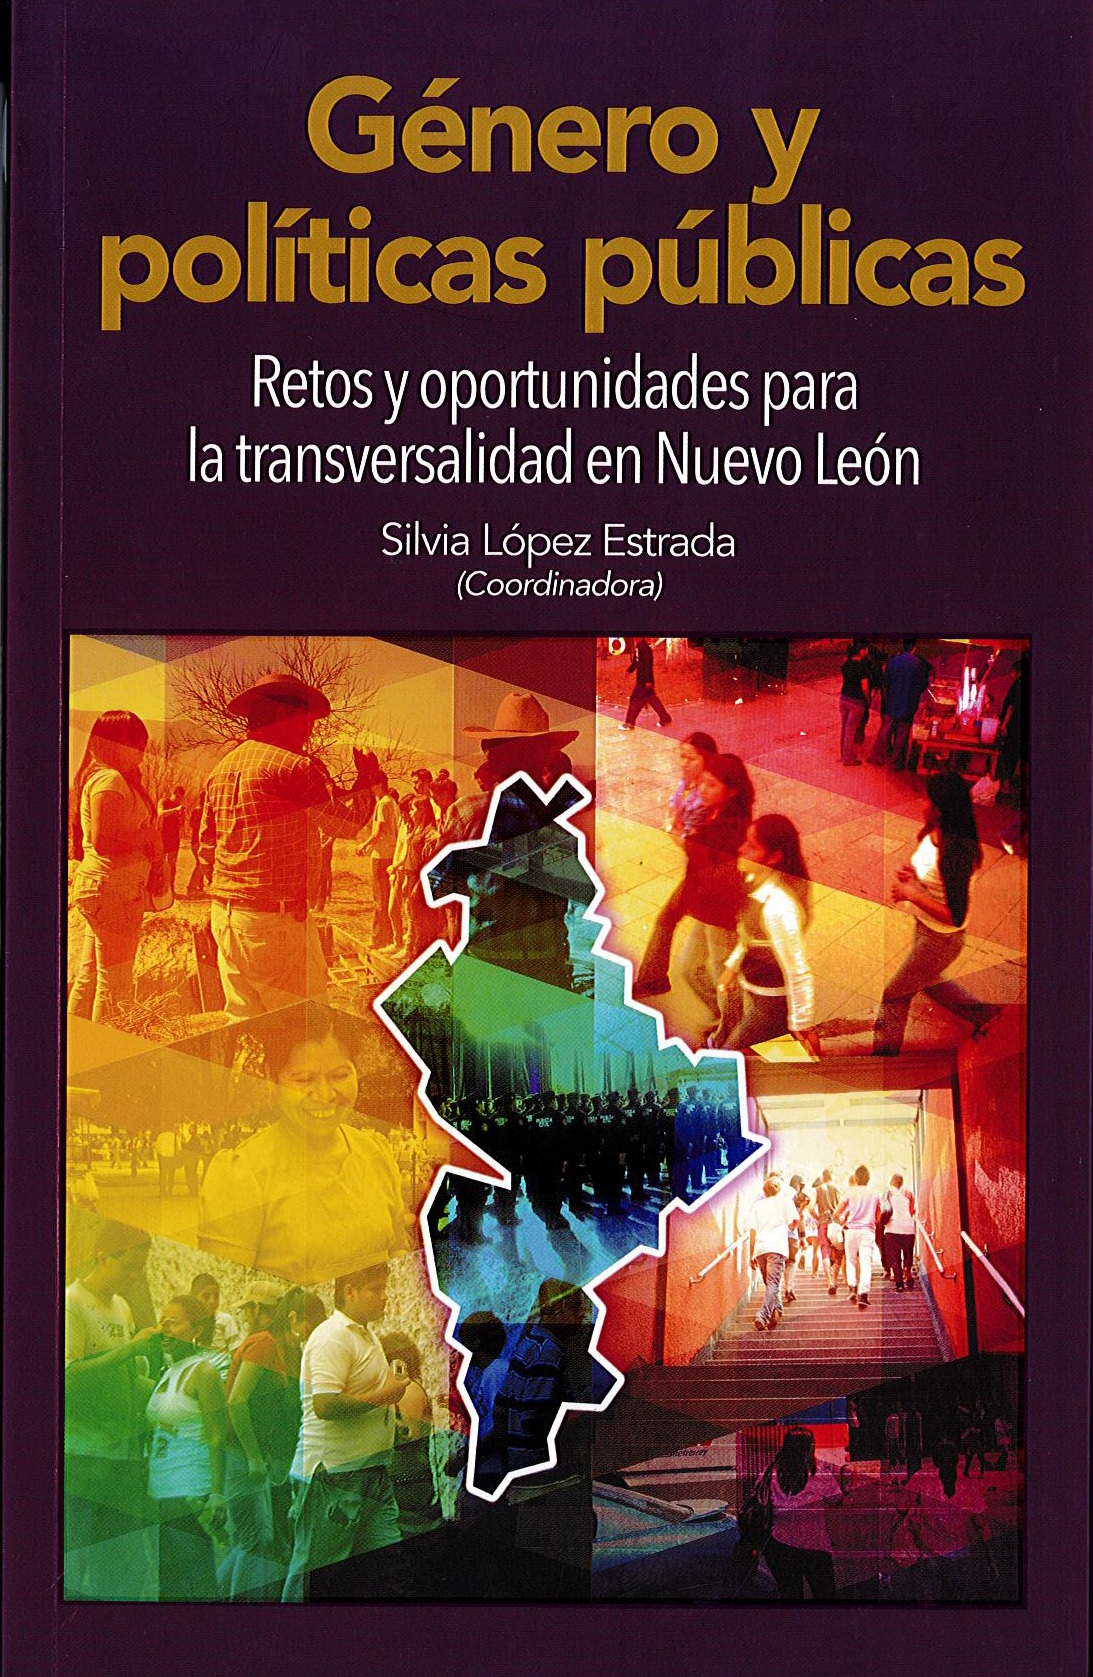 Portada de Género y políticas públicas. Retos y oportunidades para transversalidad en Nuevo León.